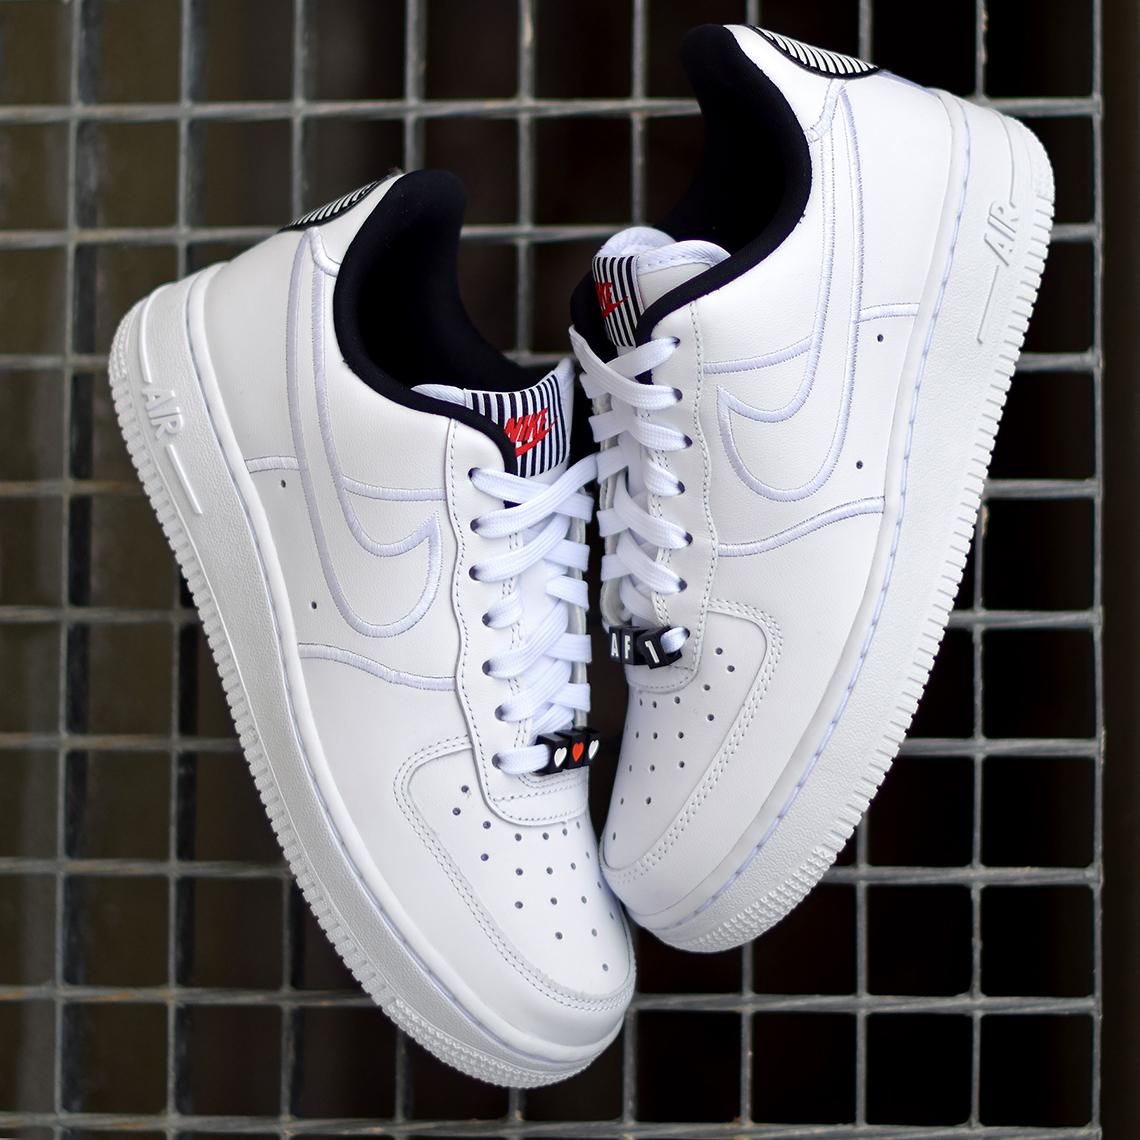 Nike Chaqueta Del Día De San Baja 6Aj4XktZ3l